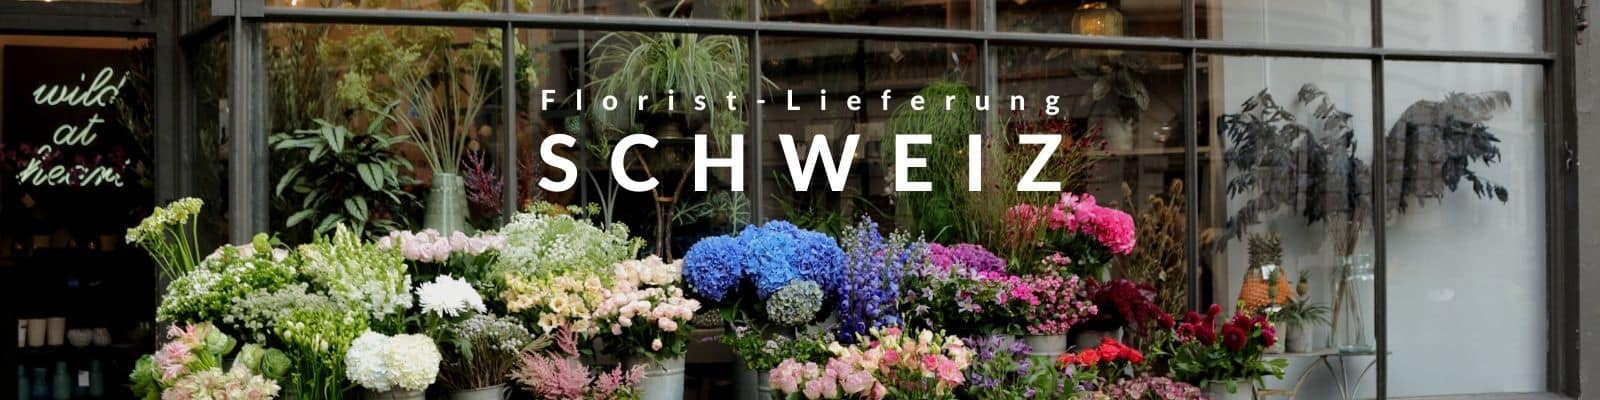 Blumen verschicken Schweiz - Blumenversand Express